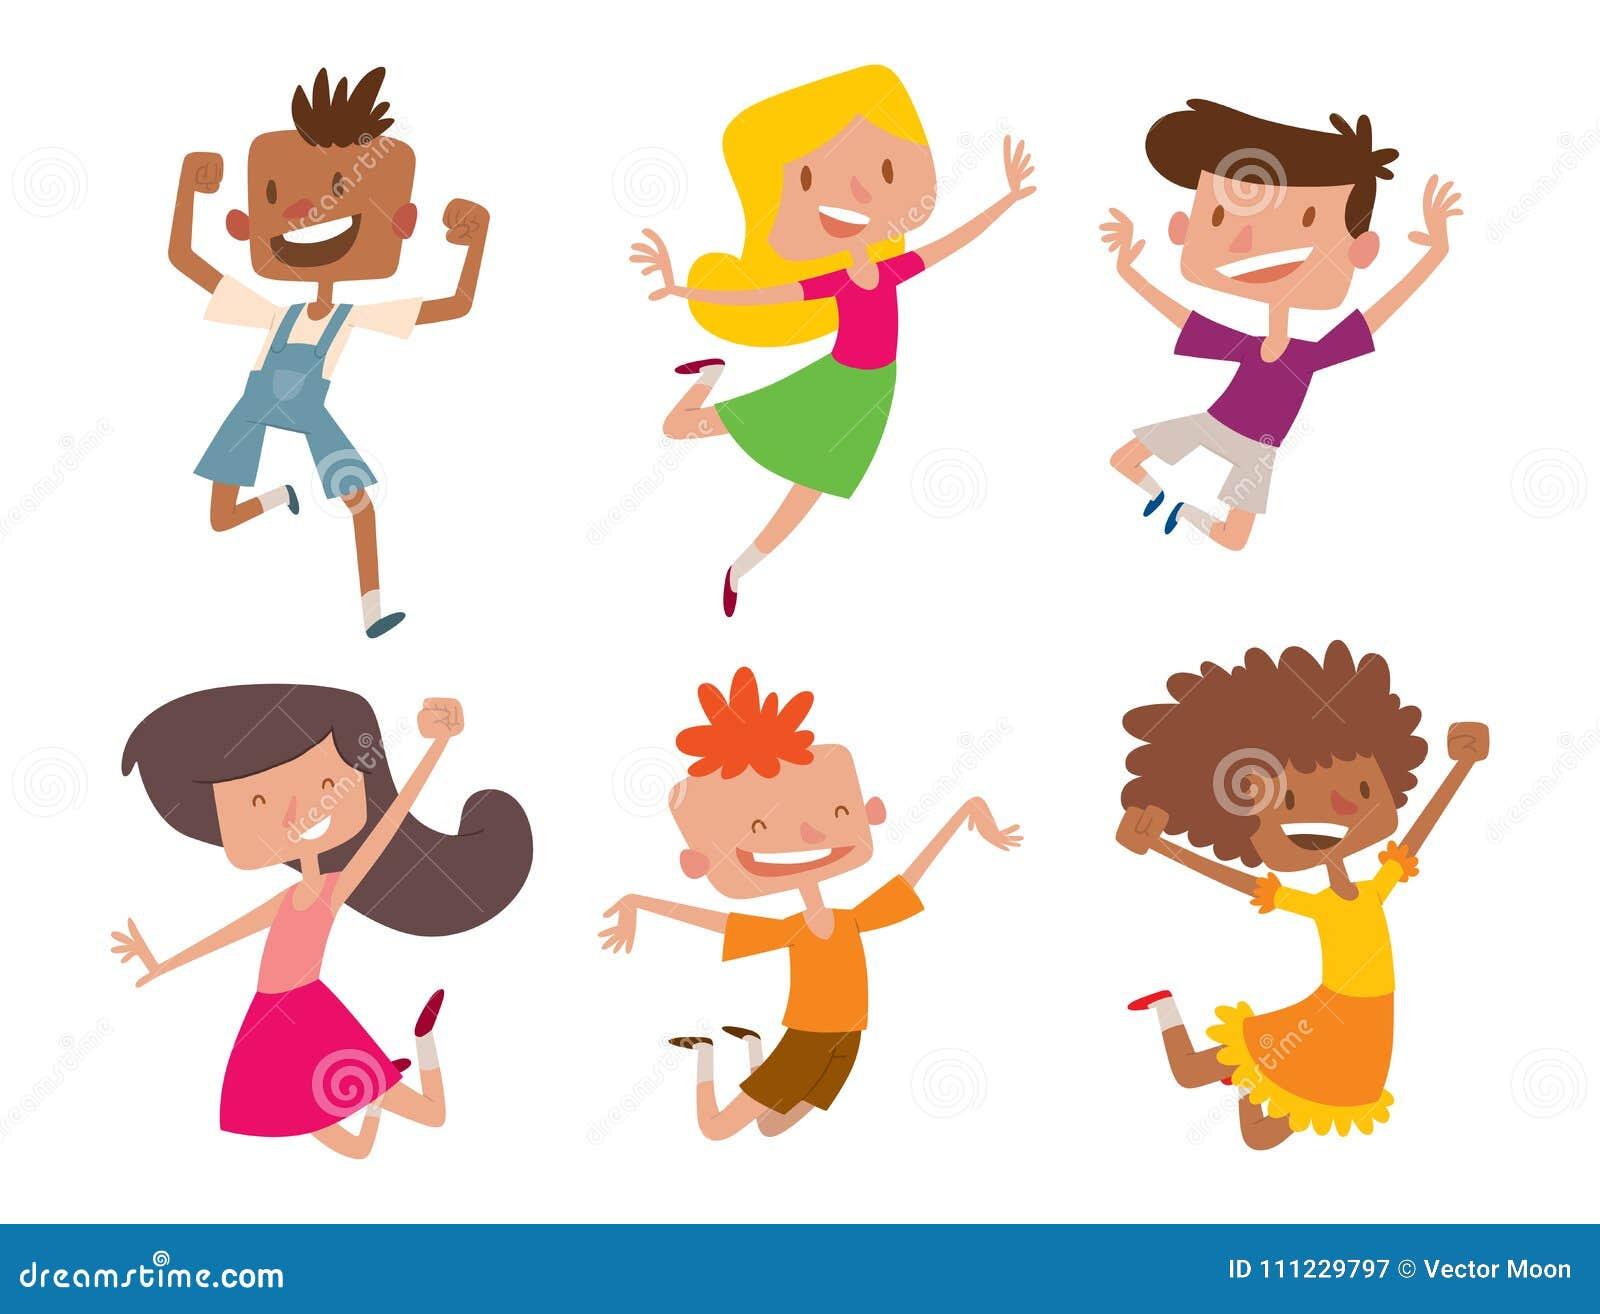 Szczęśliwi dzieci w różnych pozycj dziecka dużej wektorowej skokowej rozochoconej grupowej i śmiesznej kreskówce żartują radosnej